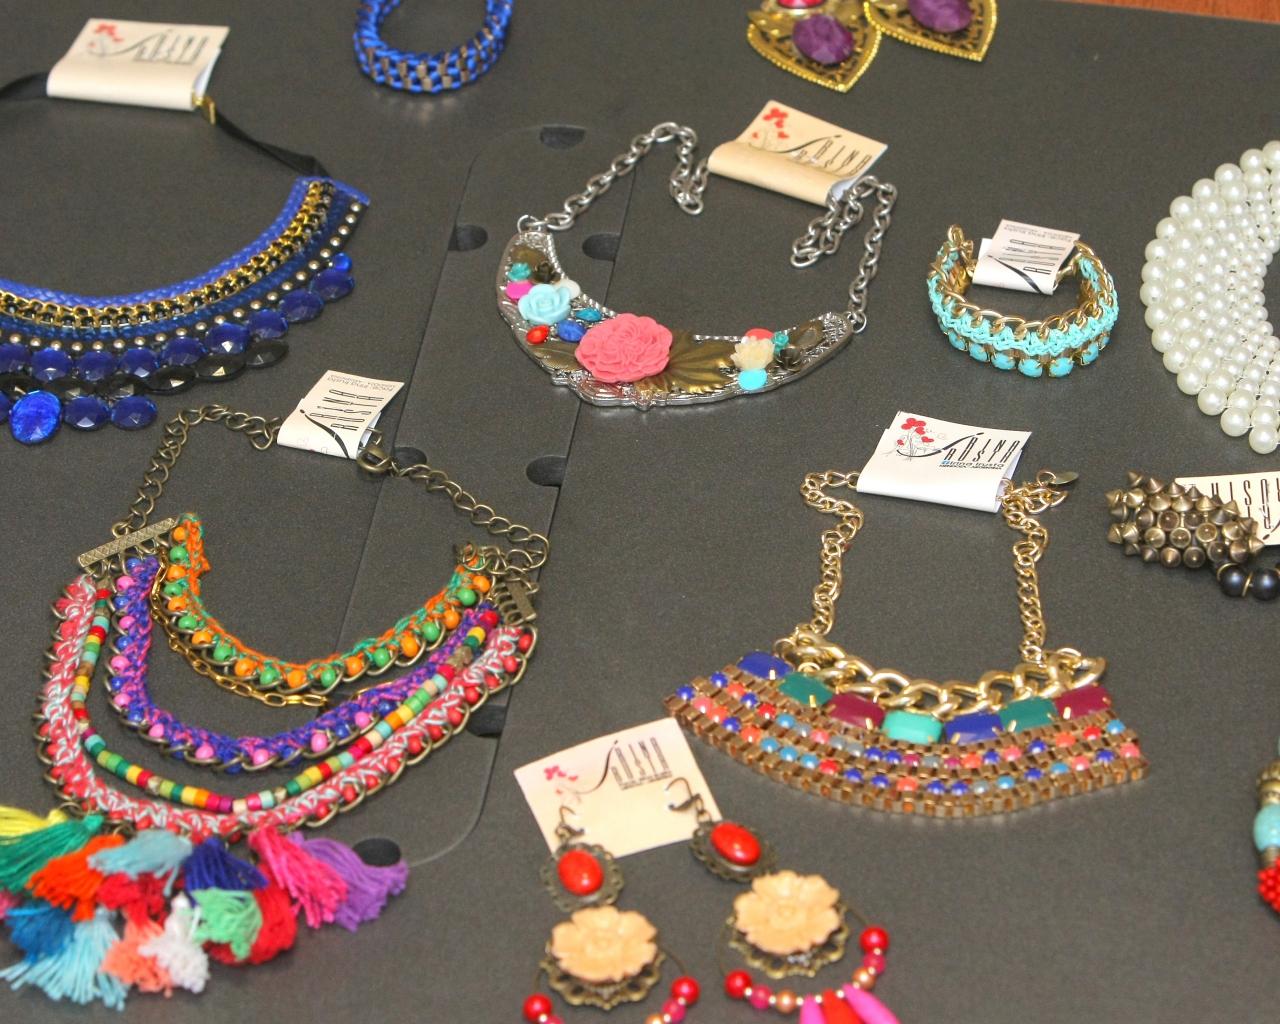 3985847d662c La divertida labor de armar accesorios a la moda - ElSol.com.ar - Diario de  Mendoza